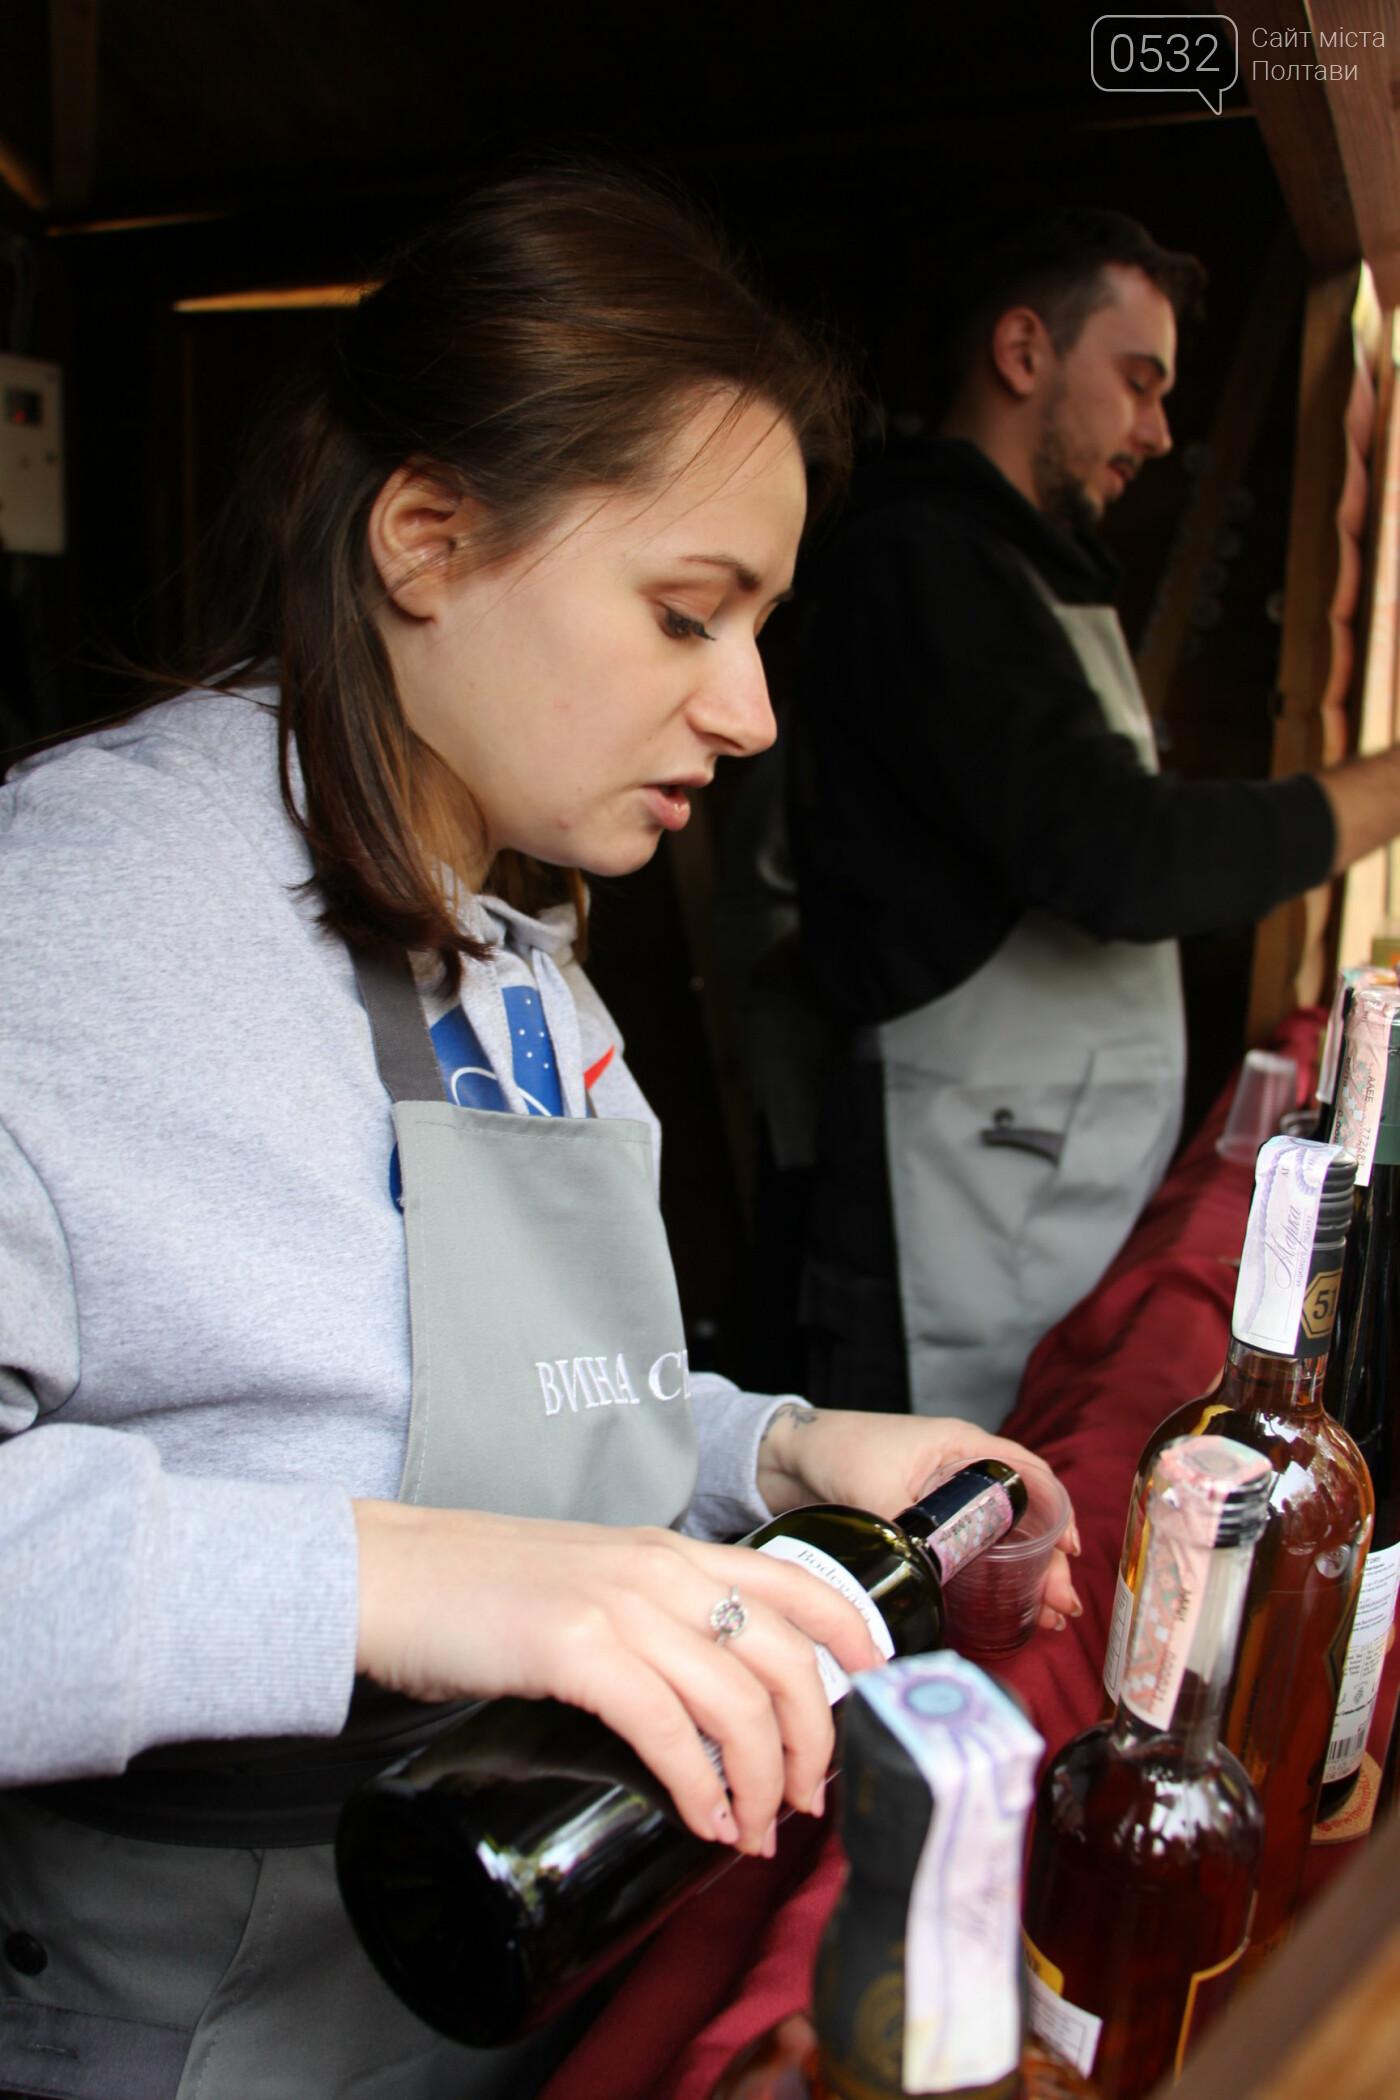 У Полтаві сотні людей прийшли на фестиваль сиру та вина (ФОТО), фото-8